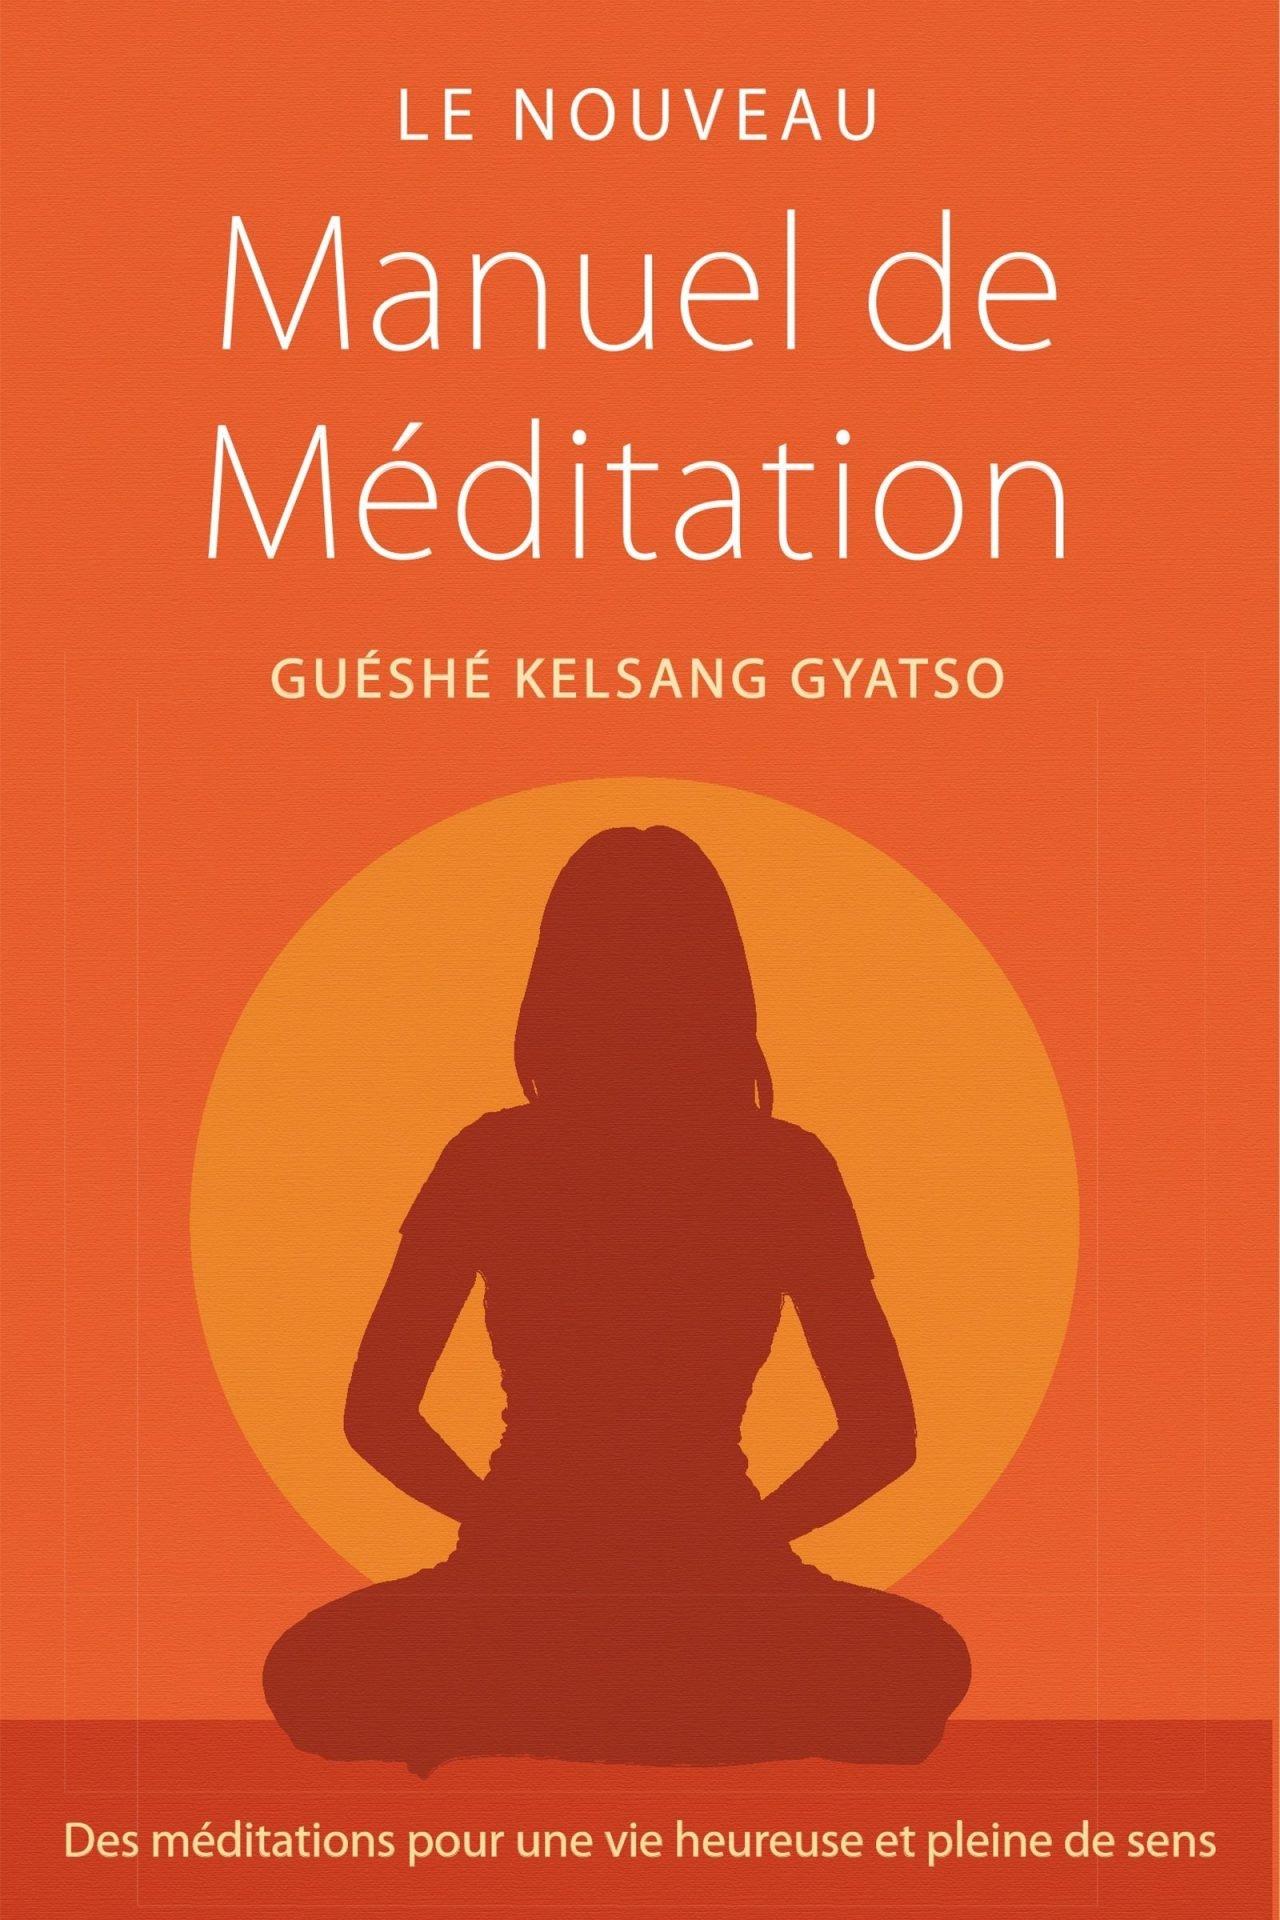 Le Nouveau Manuel de Méditation